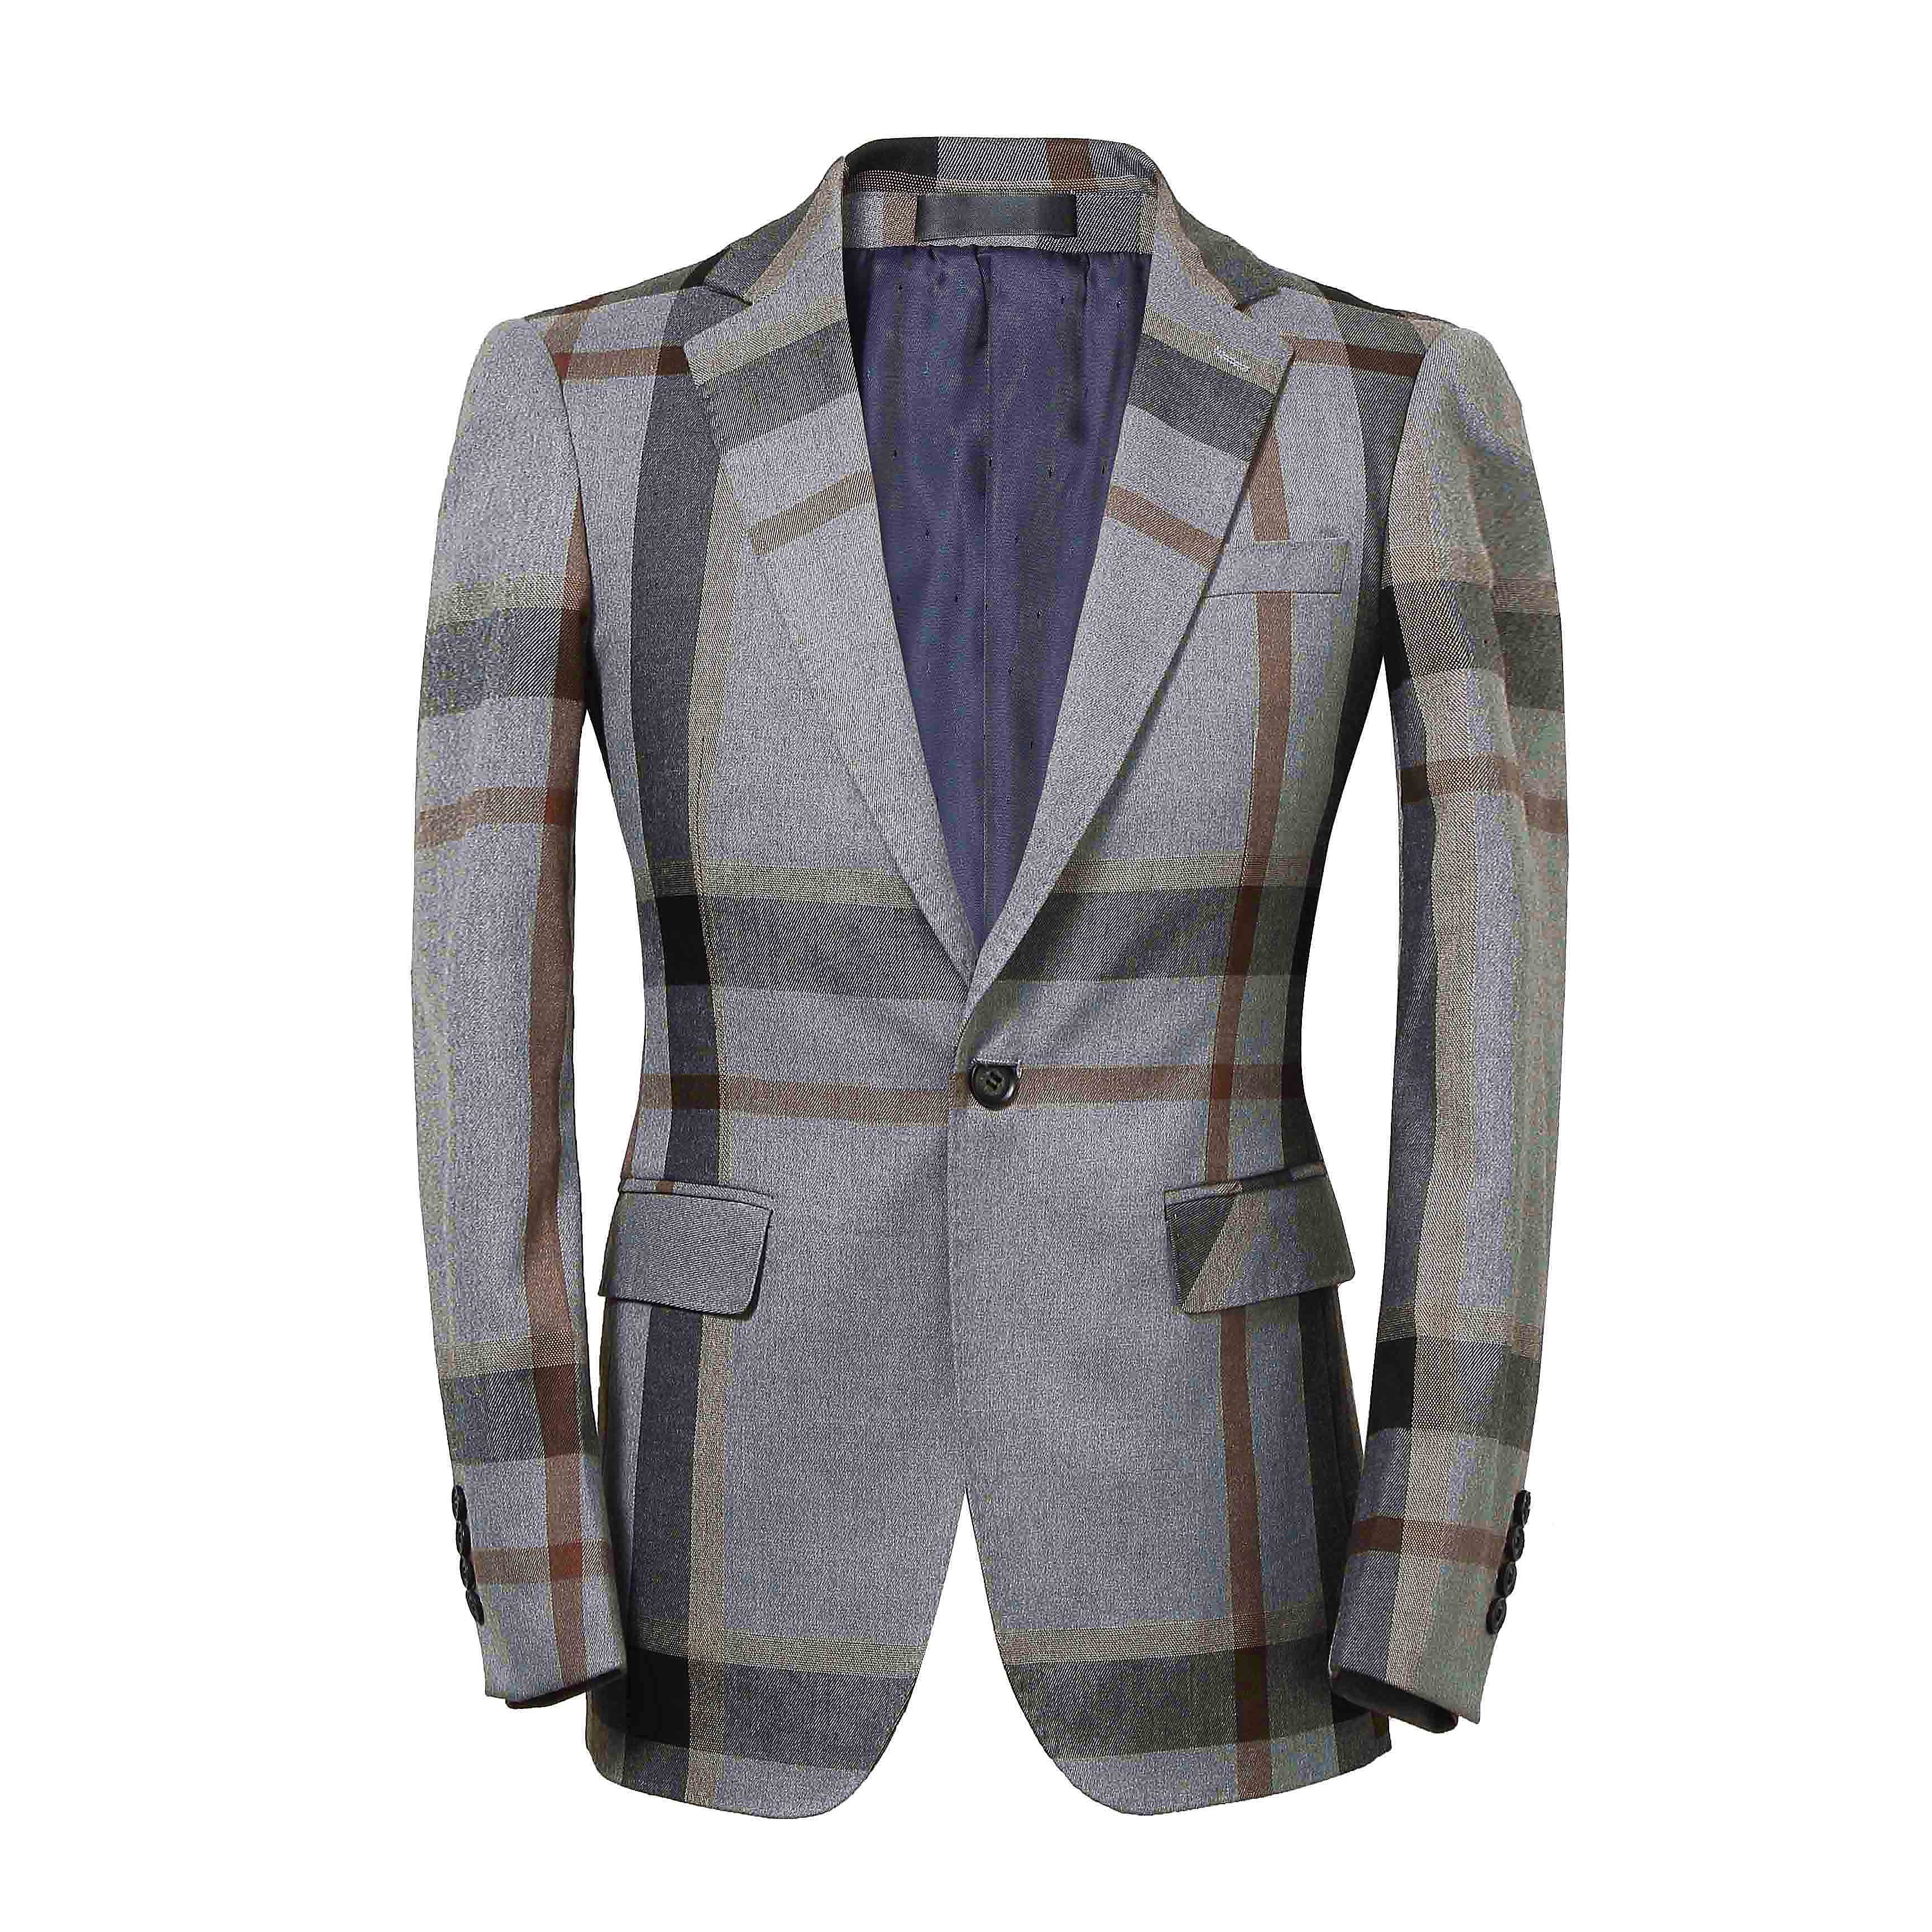 Corden vinnie marca 2020 moda xadrez blazer terno cinza fino jaqueta masculina plus size casual roupas de festa